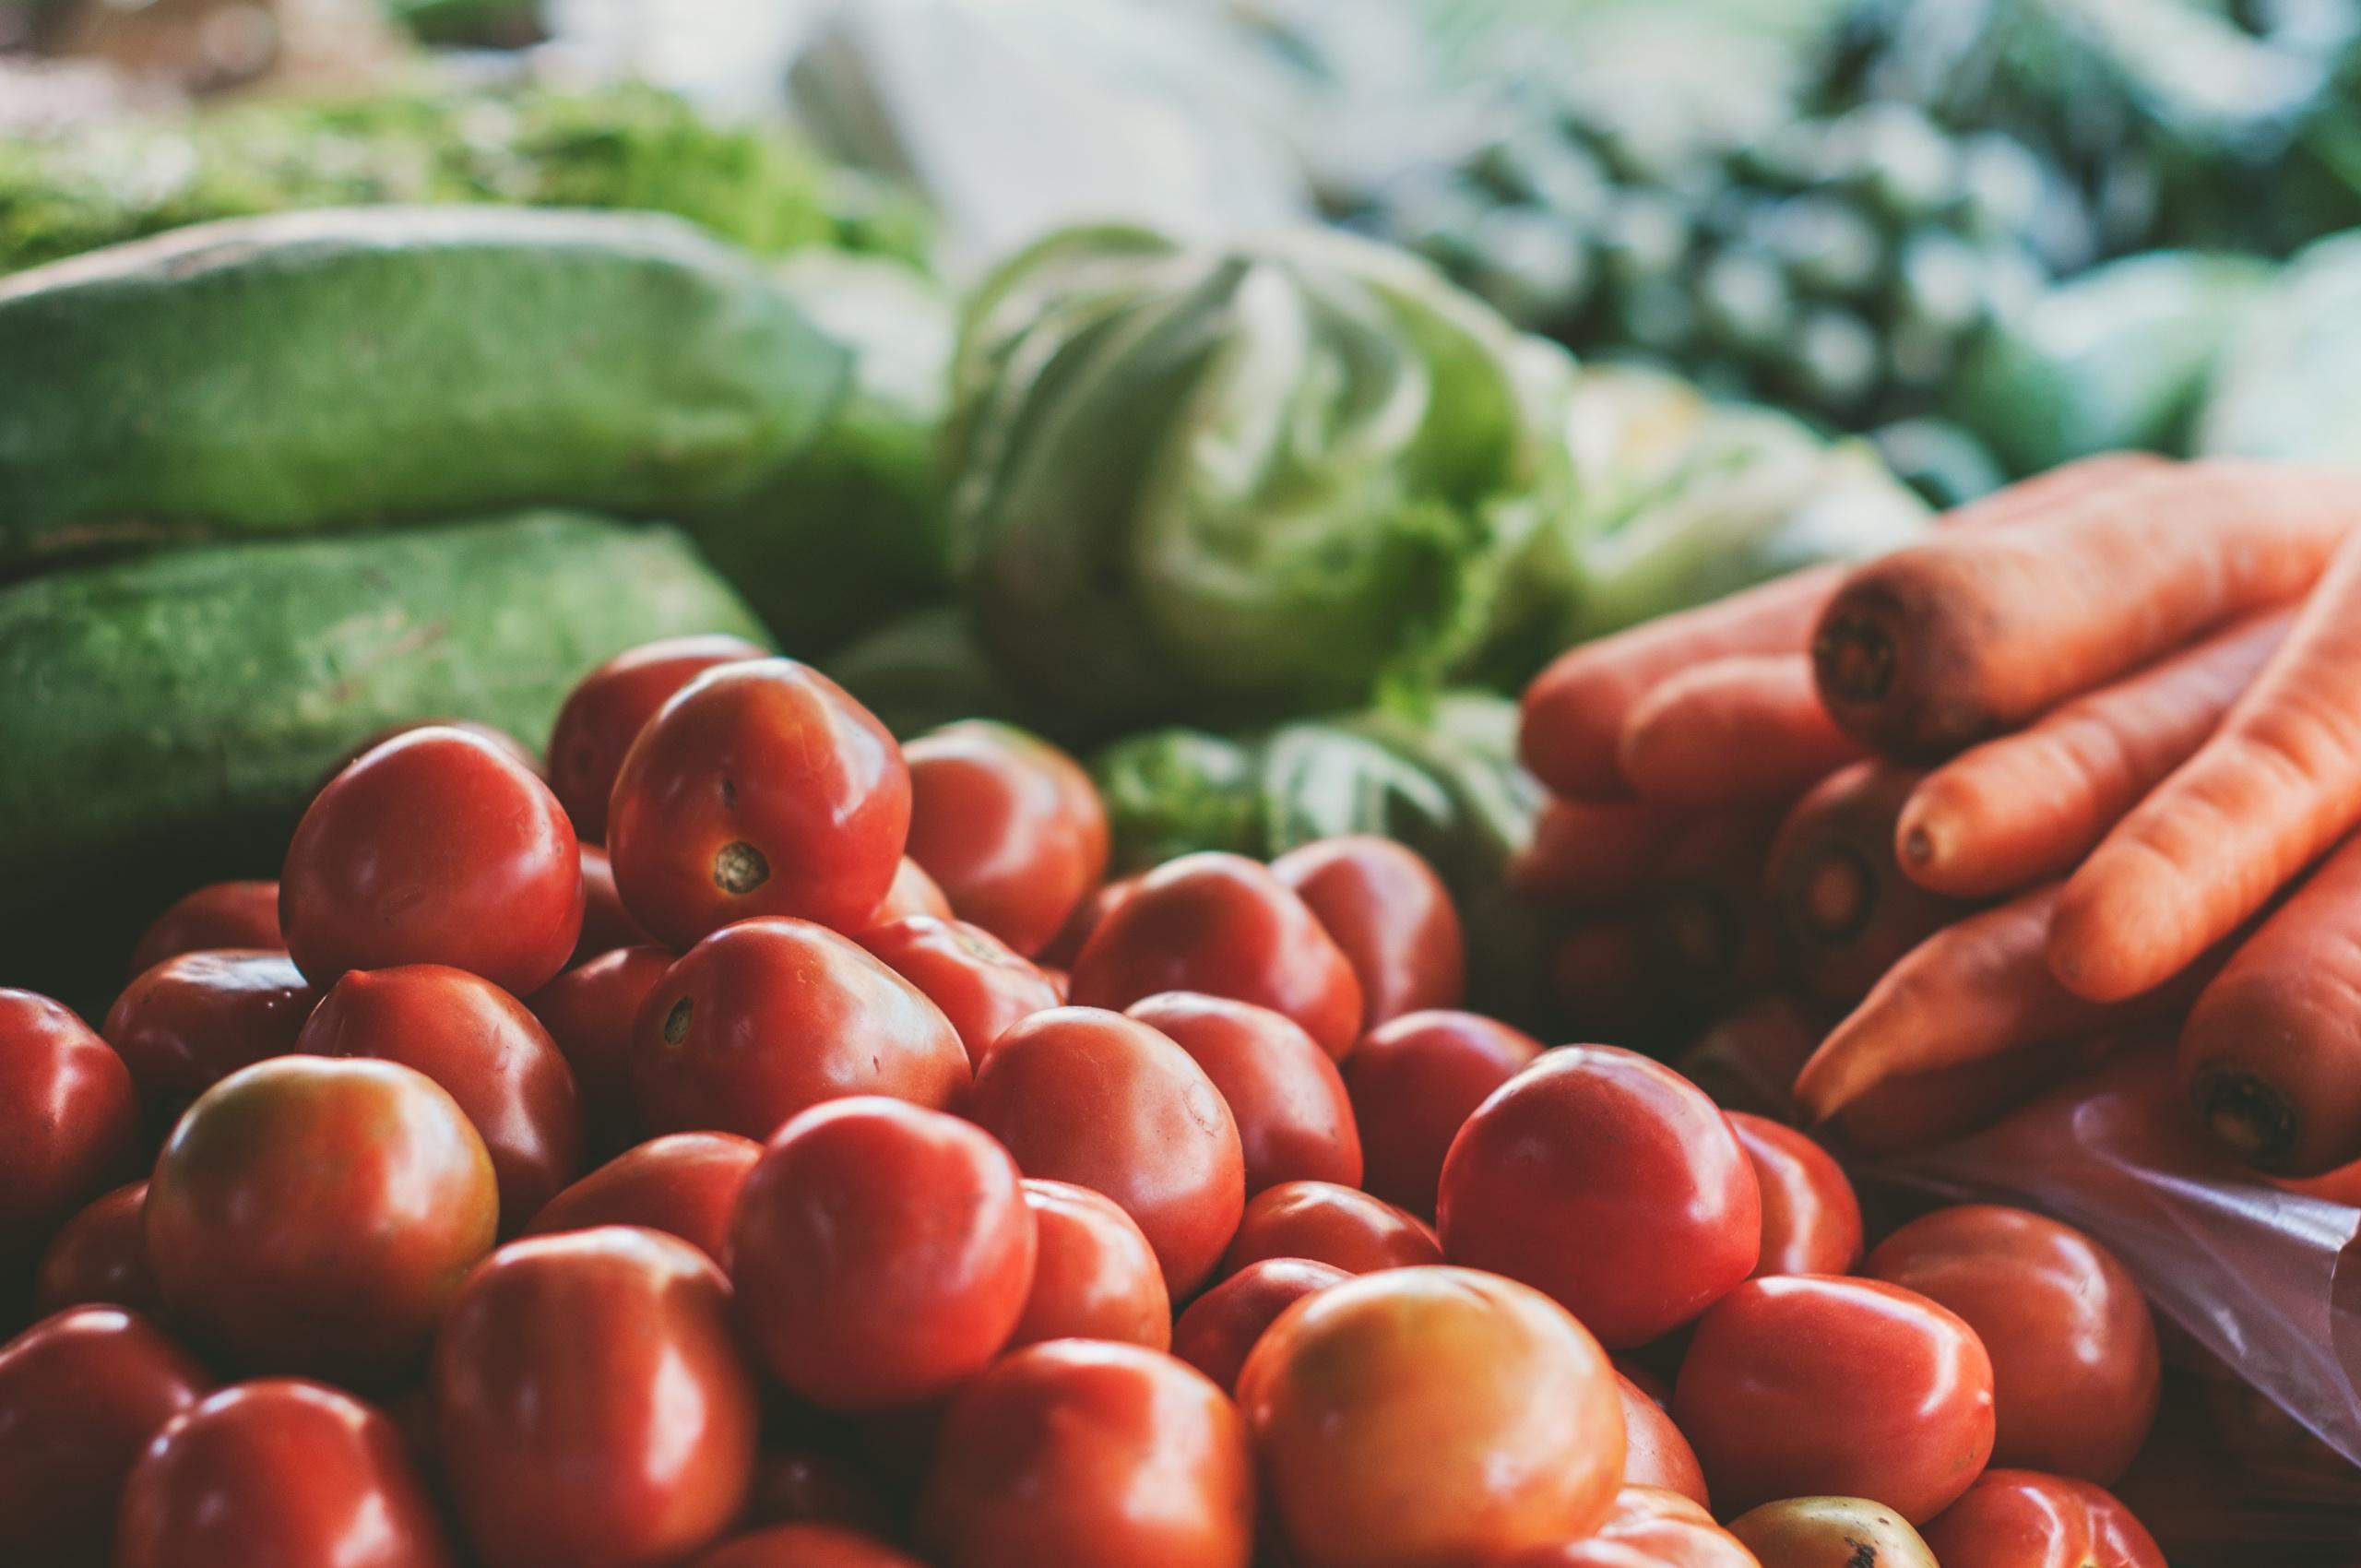 Rajčata mohou být v budoucnu zdrojem elektřiny